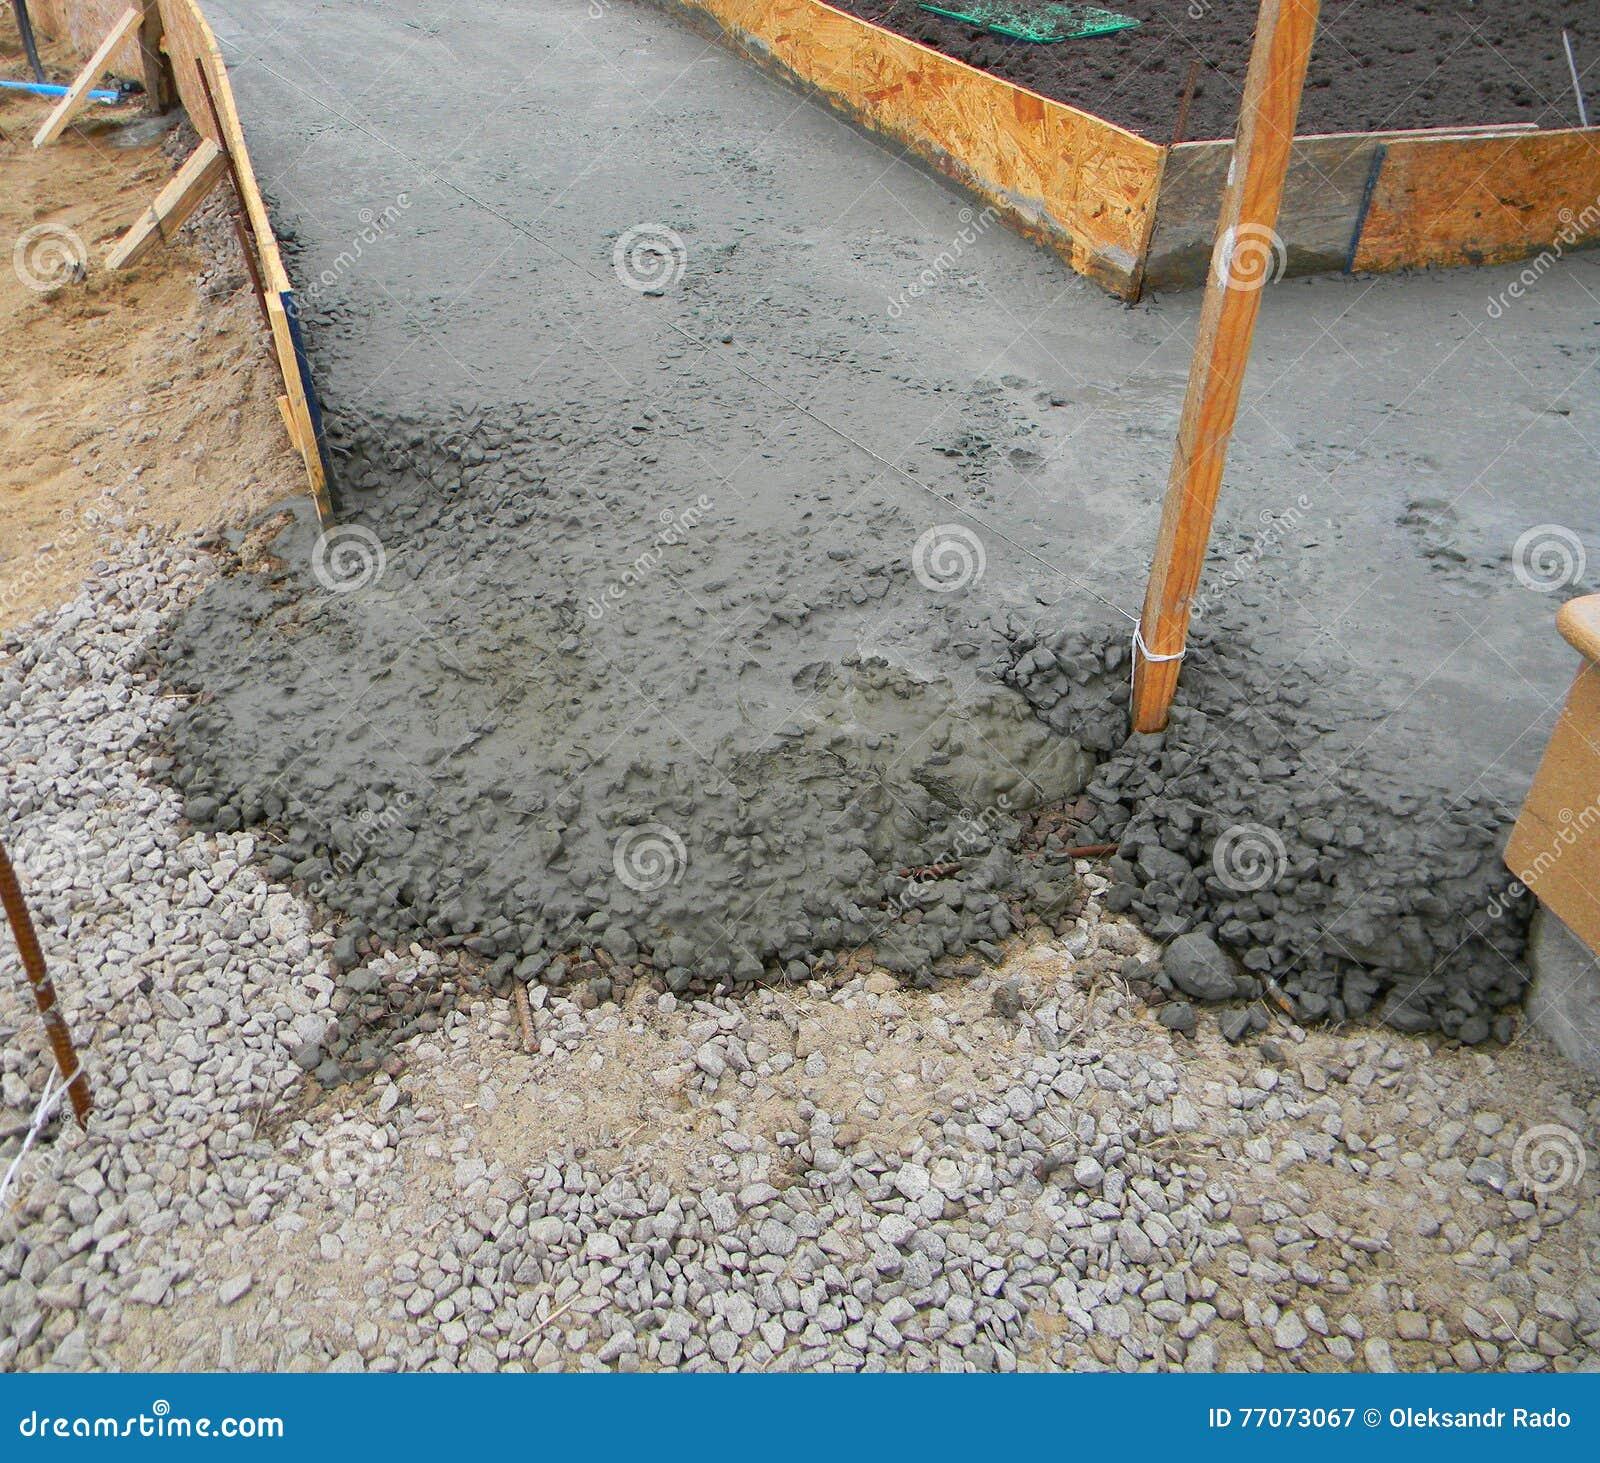 nuevo pavimento concreto para el camino del jardn construccin de la trayectoria del jardn foto